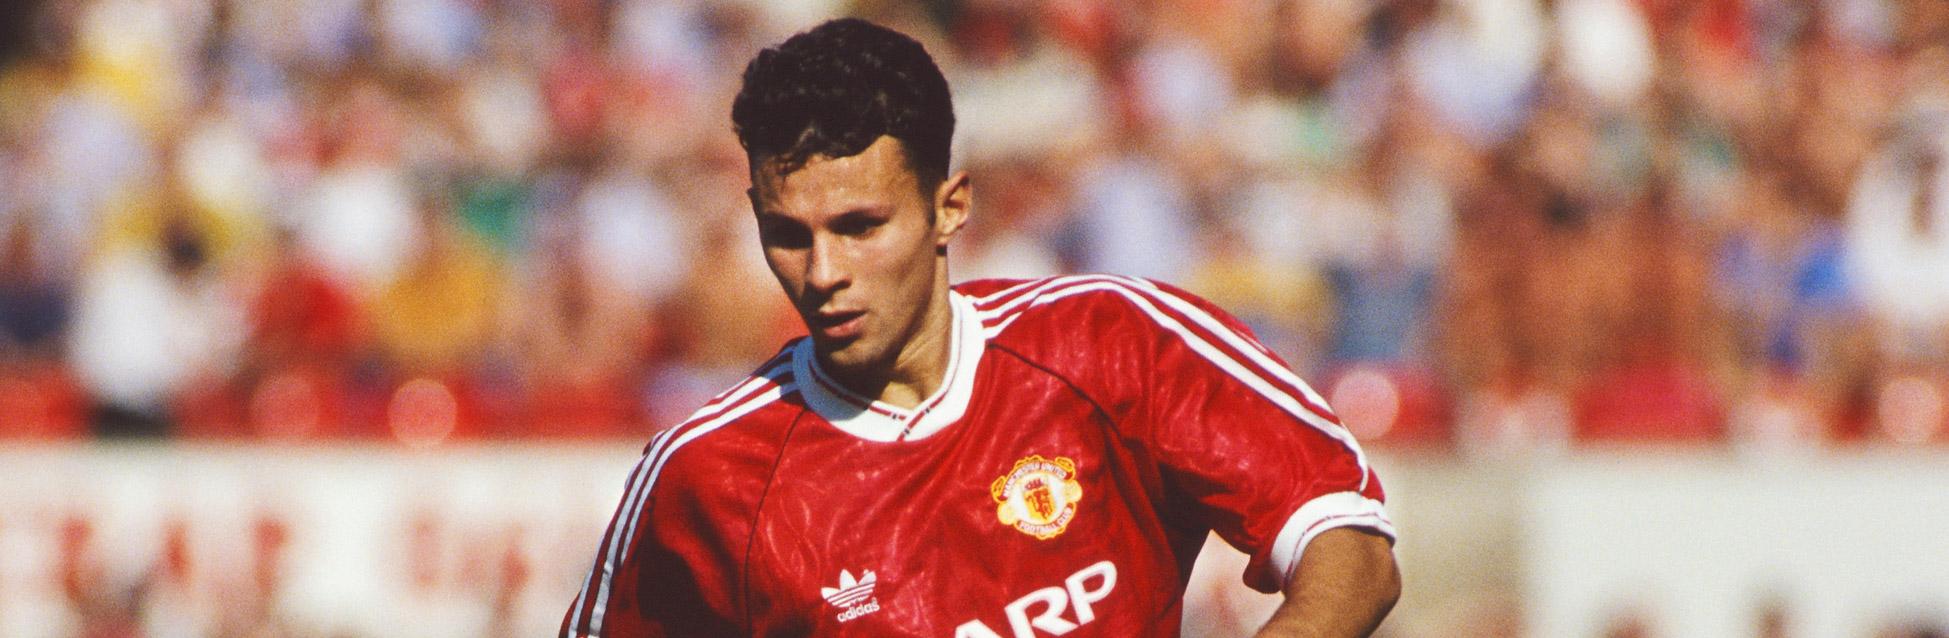 Ryan Giggs en sus inicios con el Manchester United